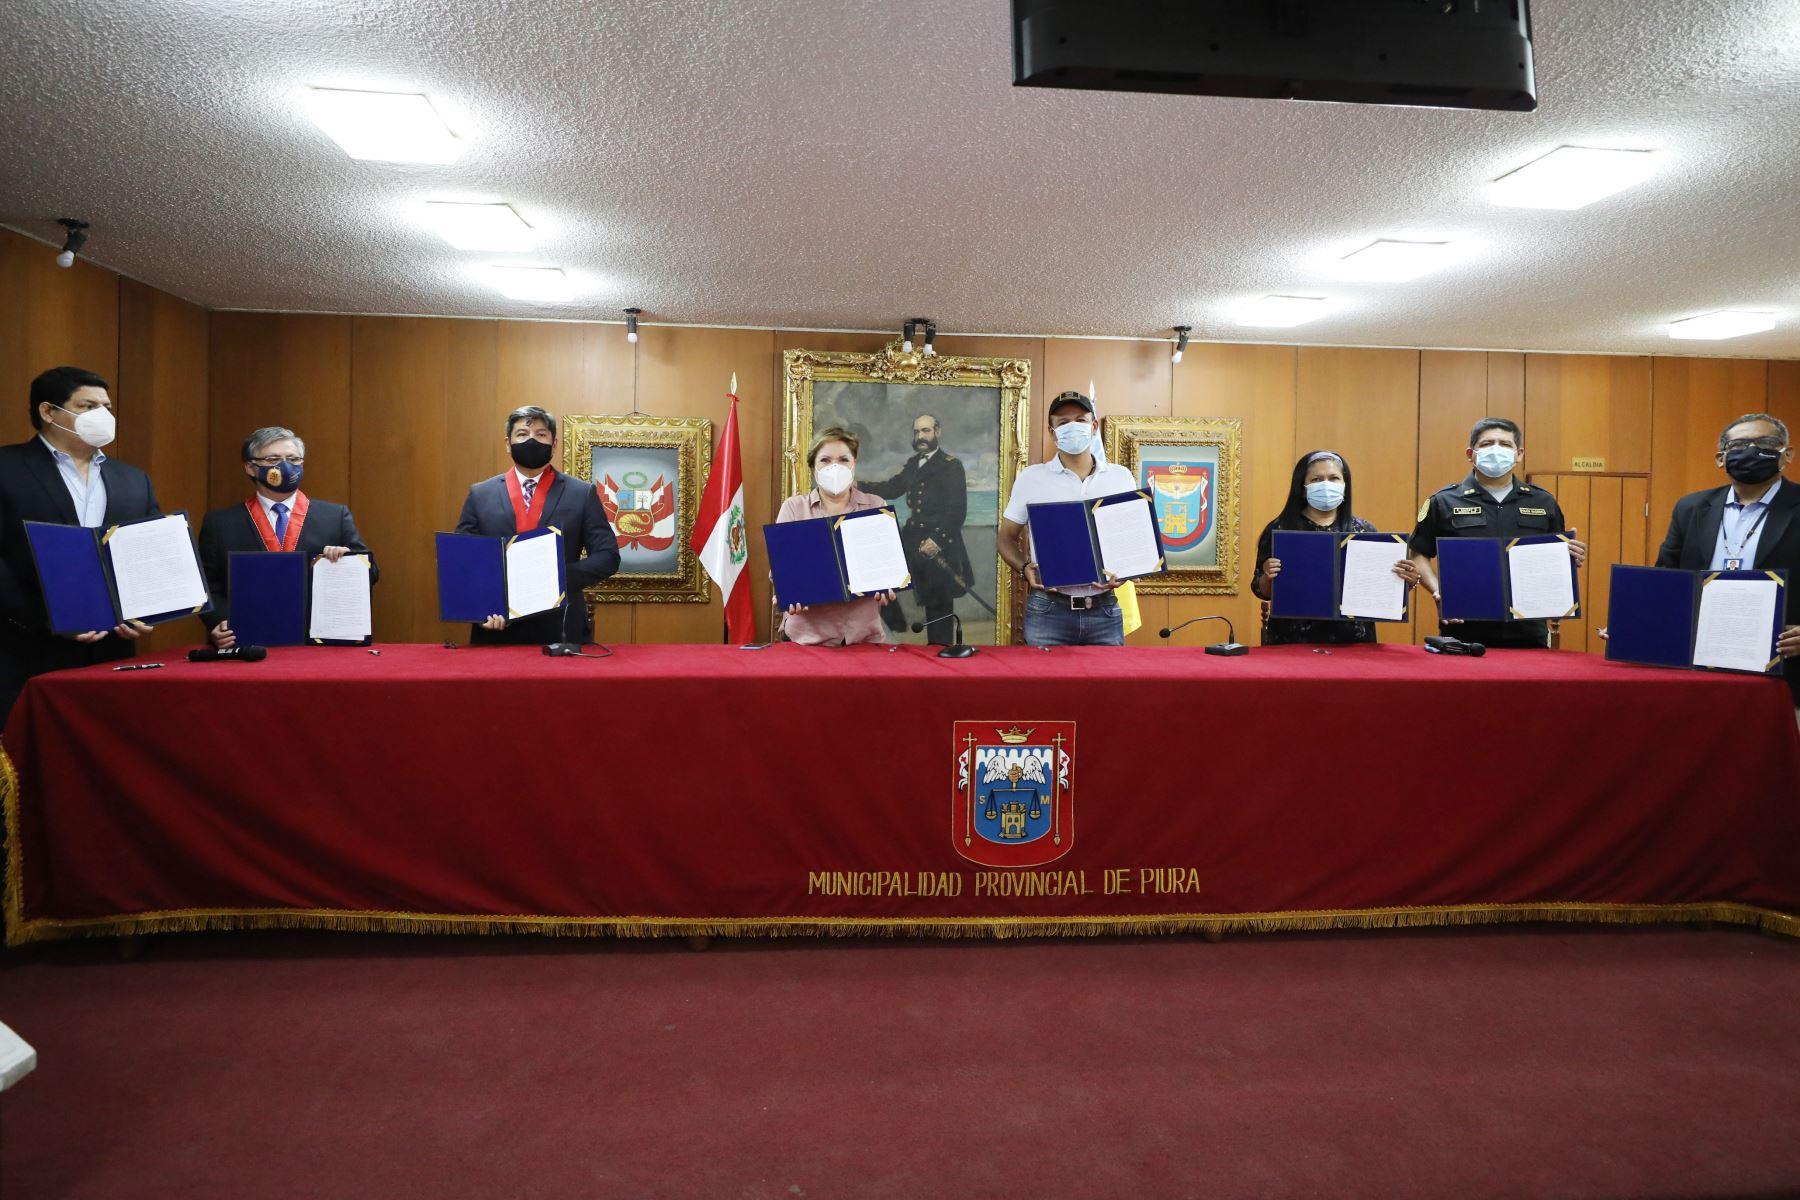 Ministra de la Mujer, Rosario Sasieta, suscribió Acta de Intención con autoridades piuranas. Foto: MIMP